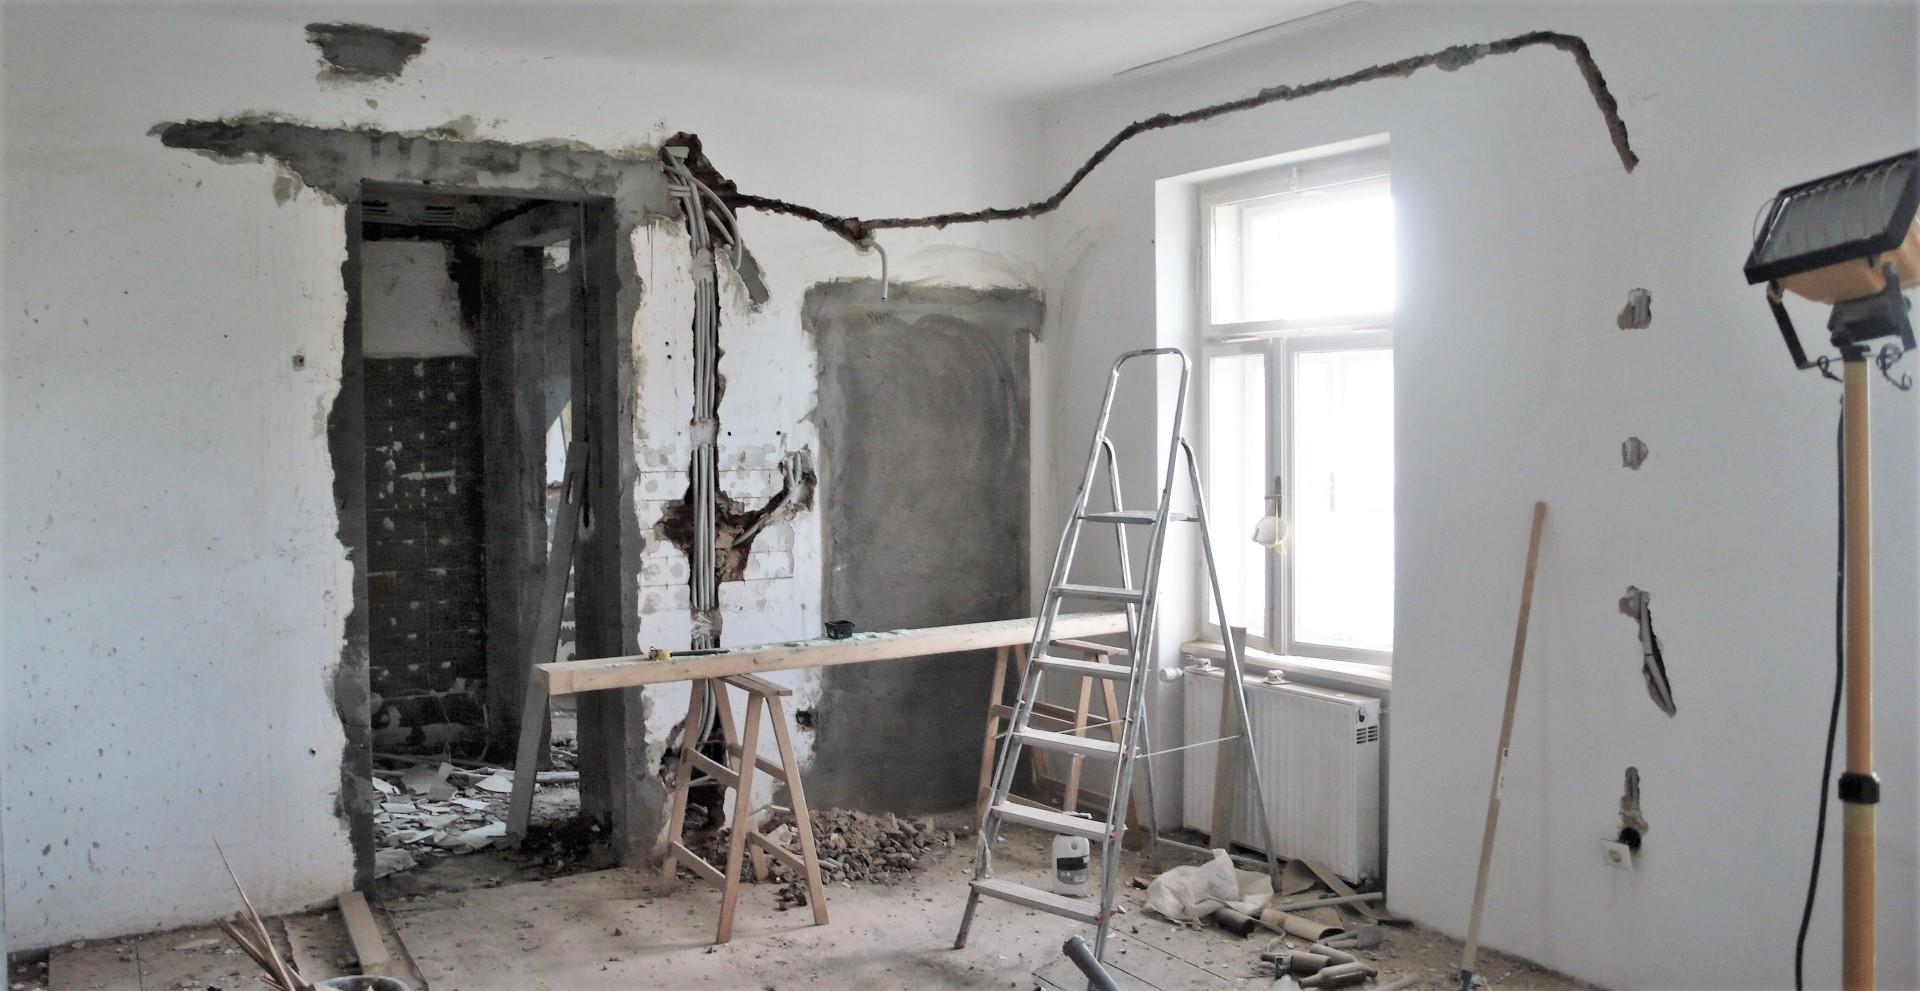 Full Size of Fensterfugen Erneuern Sanierungskosten Und Renovierungskosten Berechnen Bad Fenster Kosten Wohnzimmer Fensterfugen Erneuern